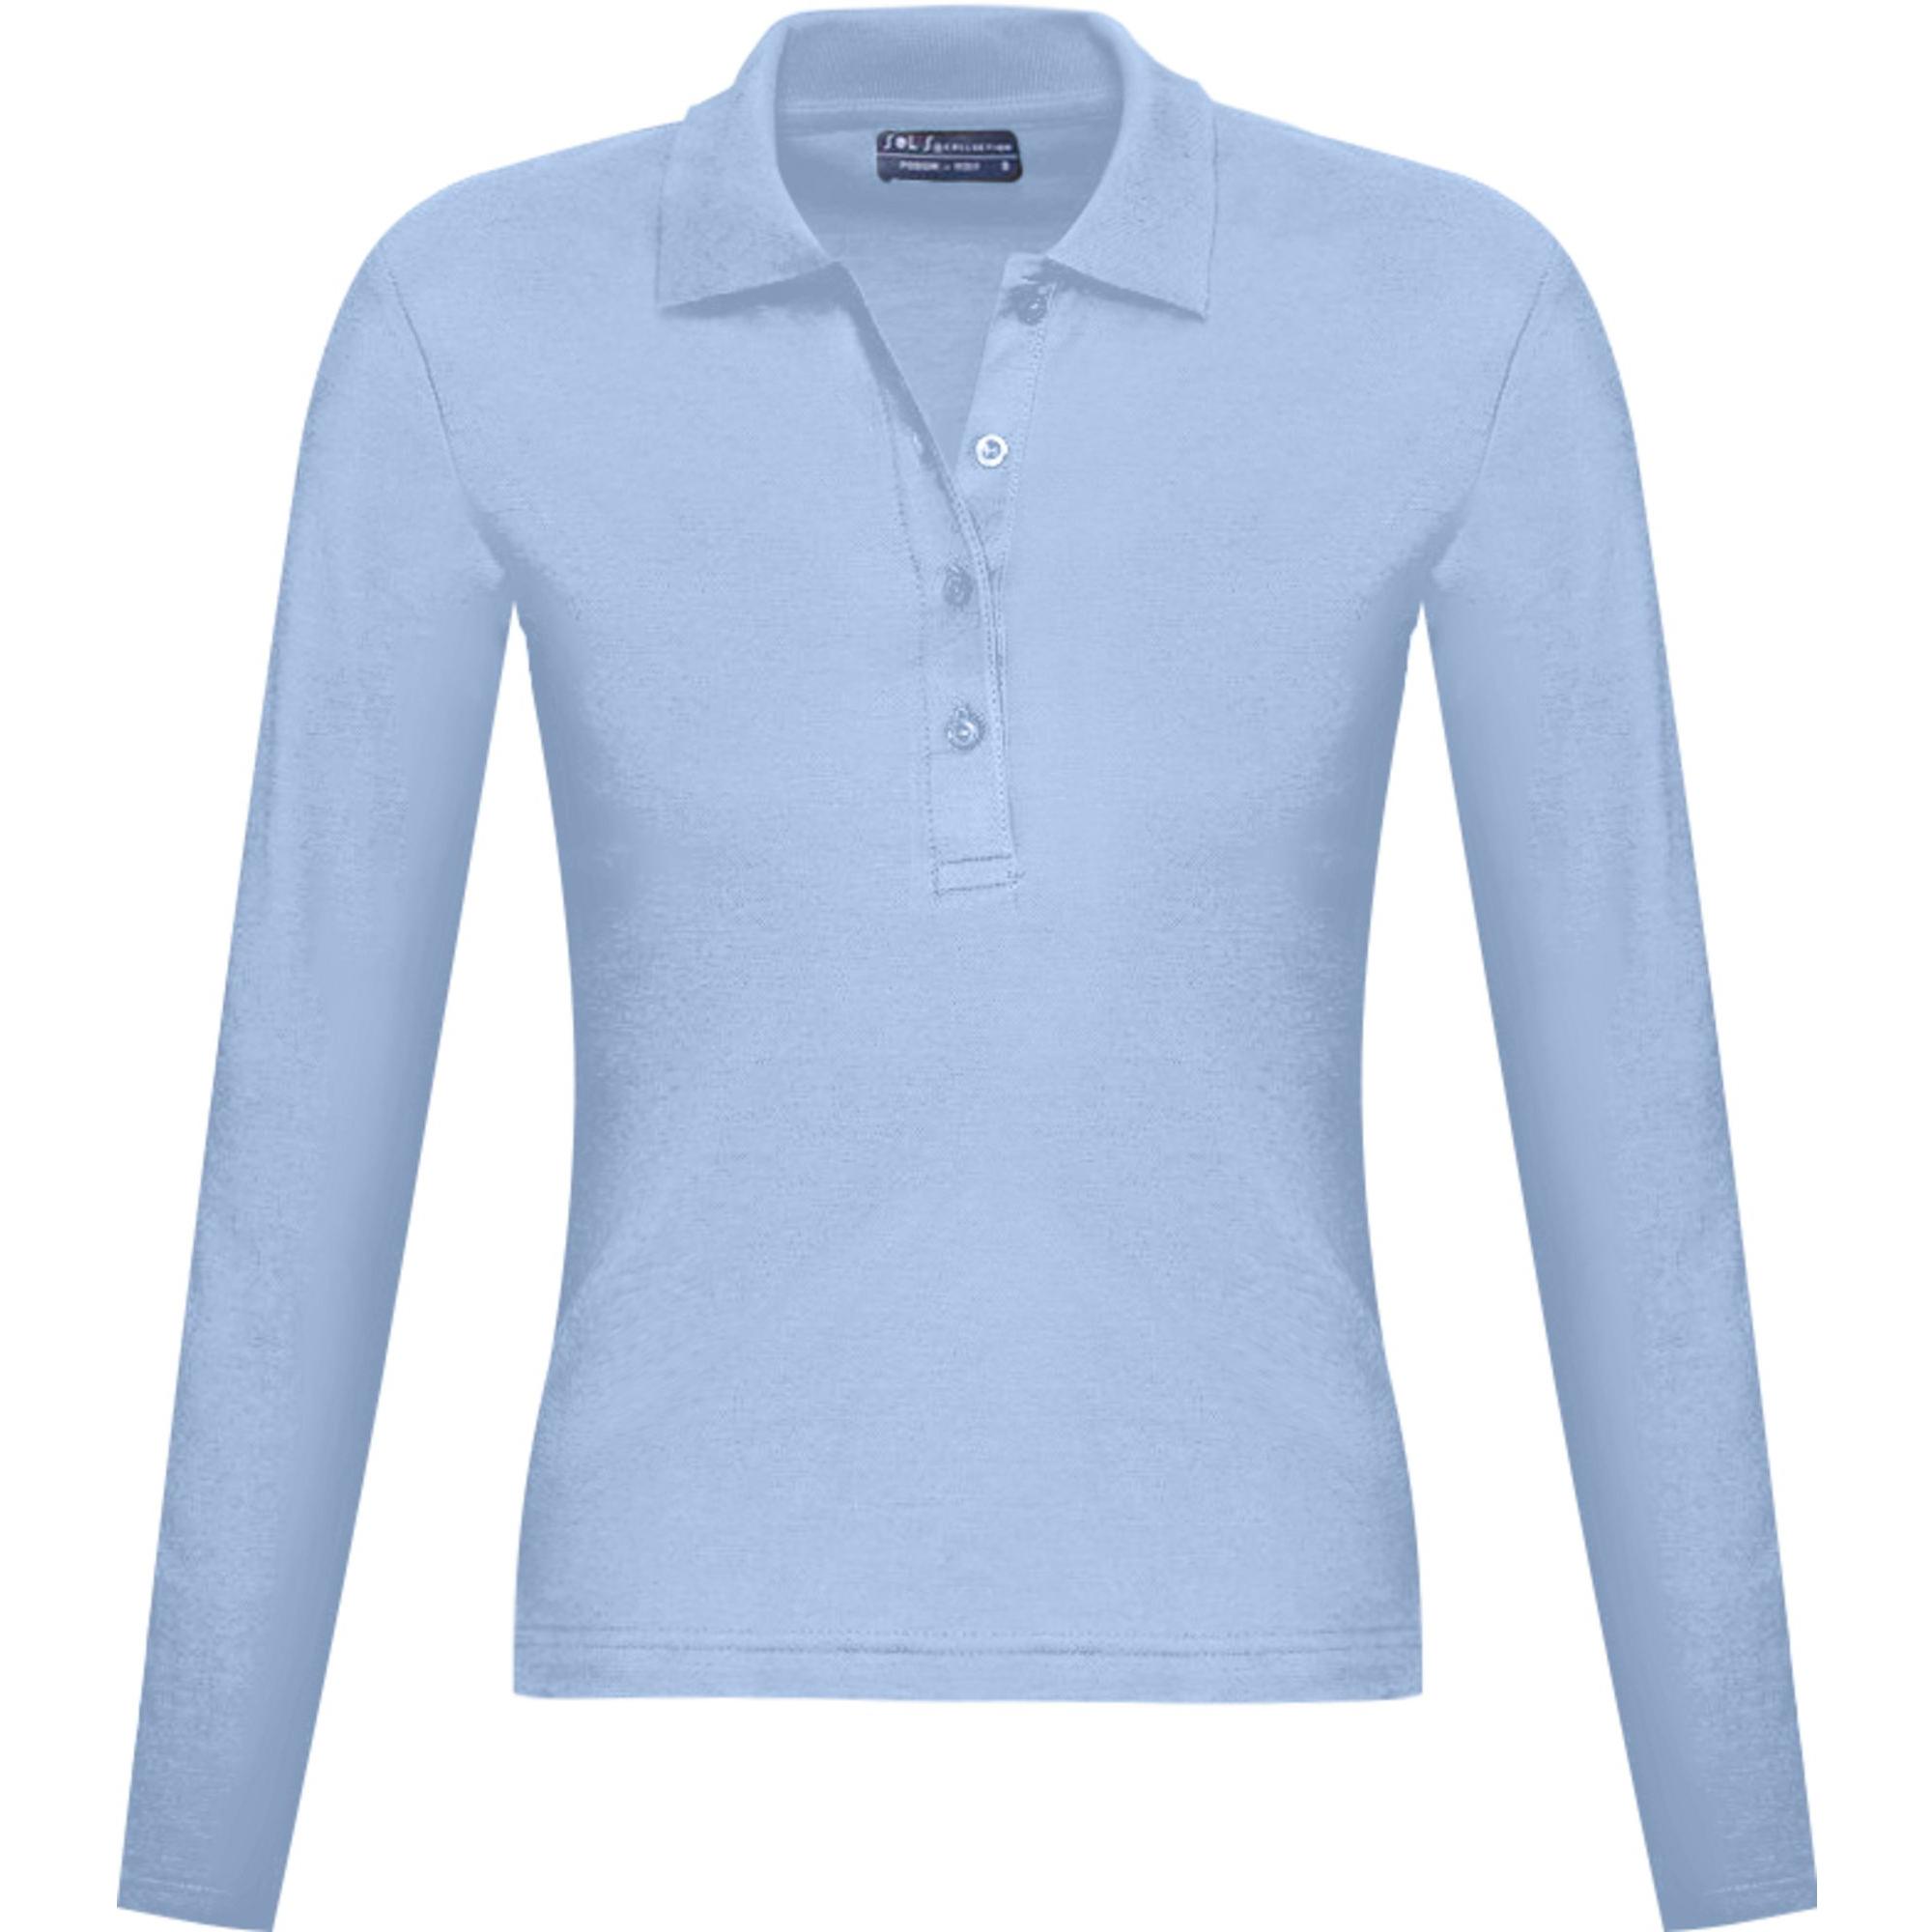 Рубашка поло женская с длинным рукавом Podium 210 голубая SALE